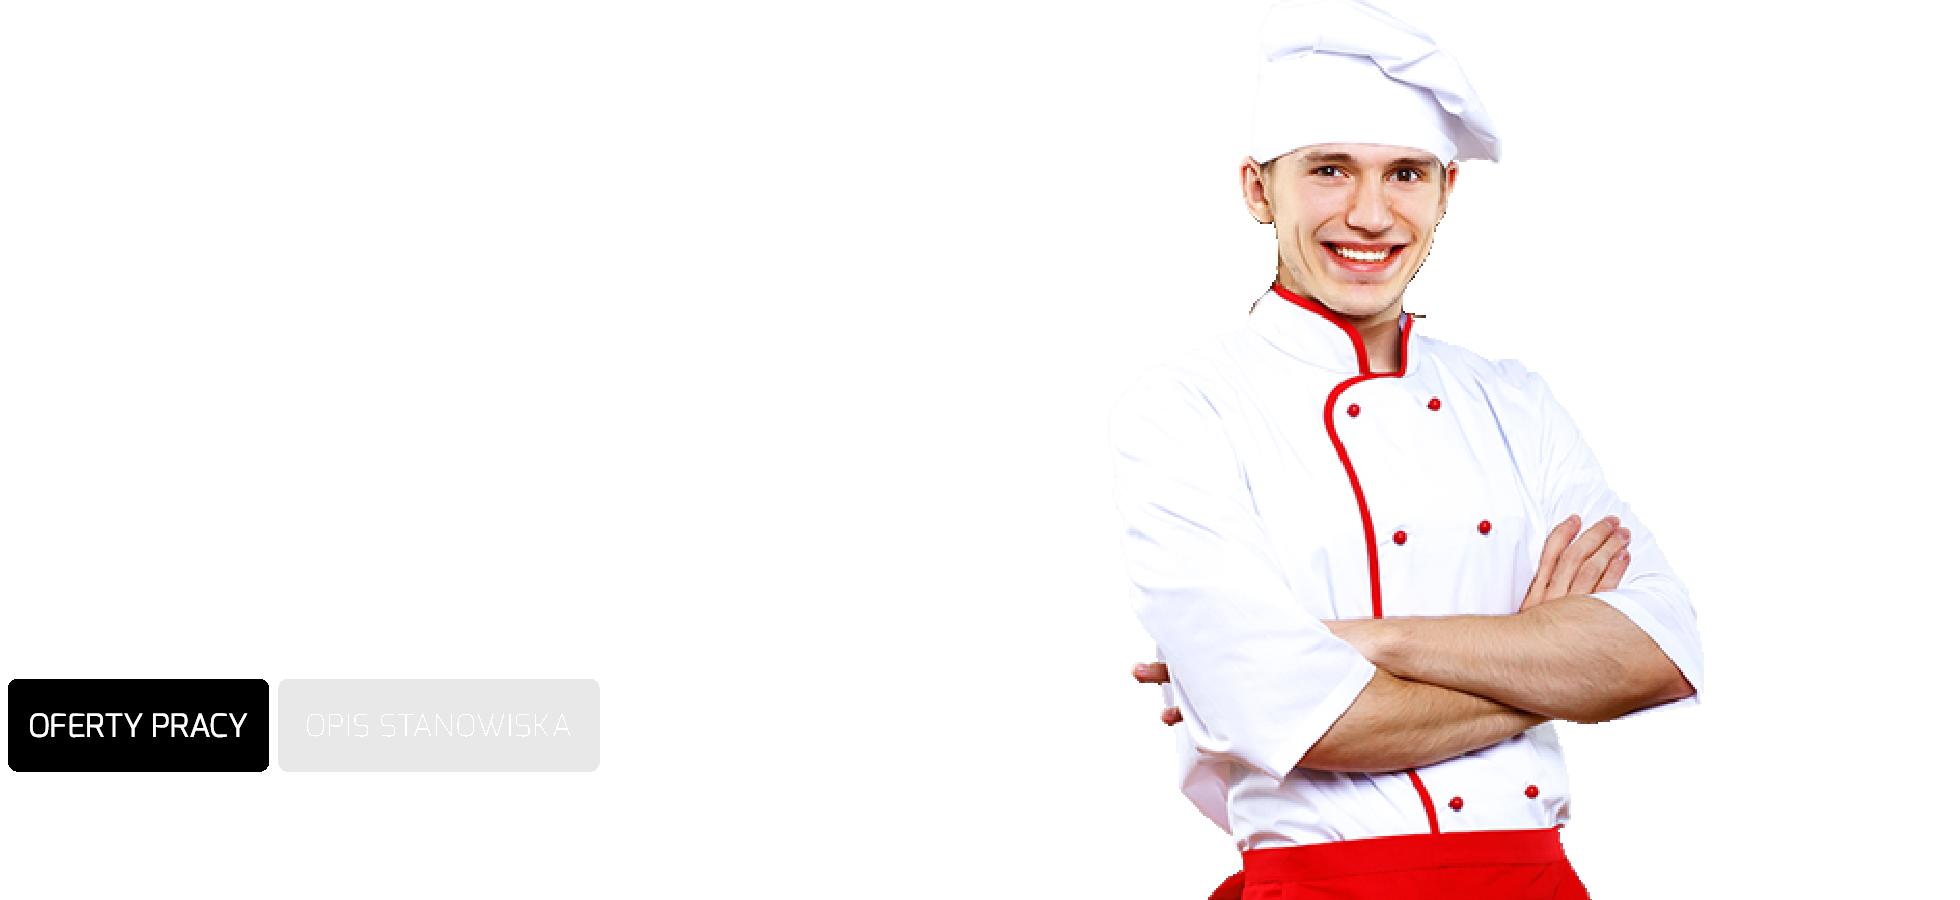 Oferty pracy w powiecie - Powiatowy Urząd Pracy w Tomaszowie Mazowieckim